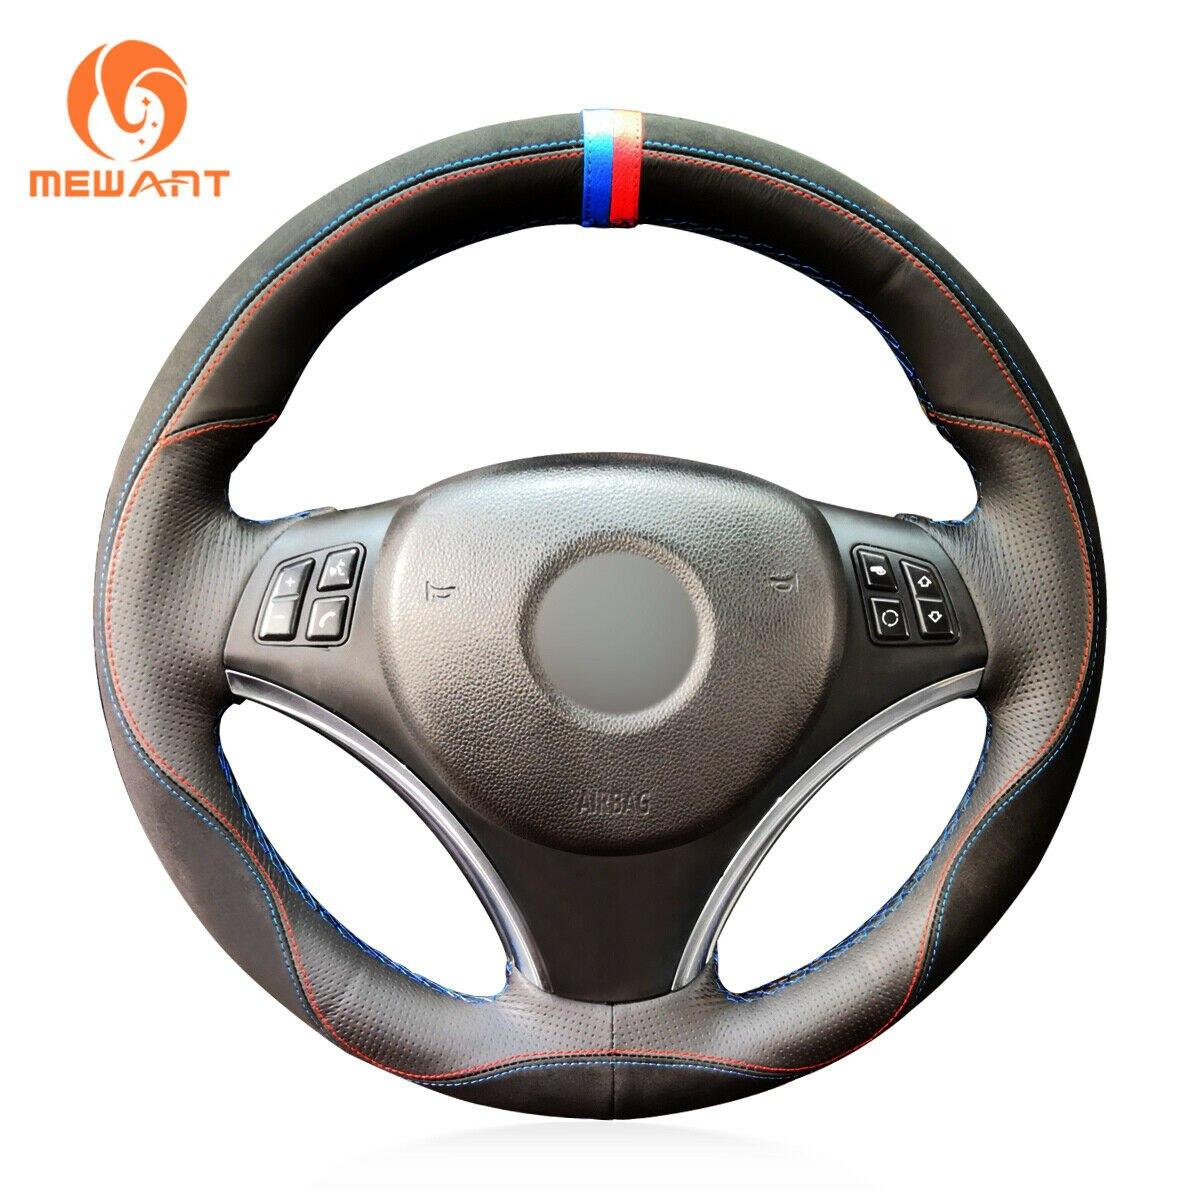 [해외]Steering Wheel Cover Wrap Around Sewing by Hand Black Leather Steering Cover for BMW E90 320i 325i 330i 335i/Steering Wheel Cover Wrap Around Sewi